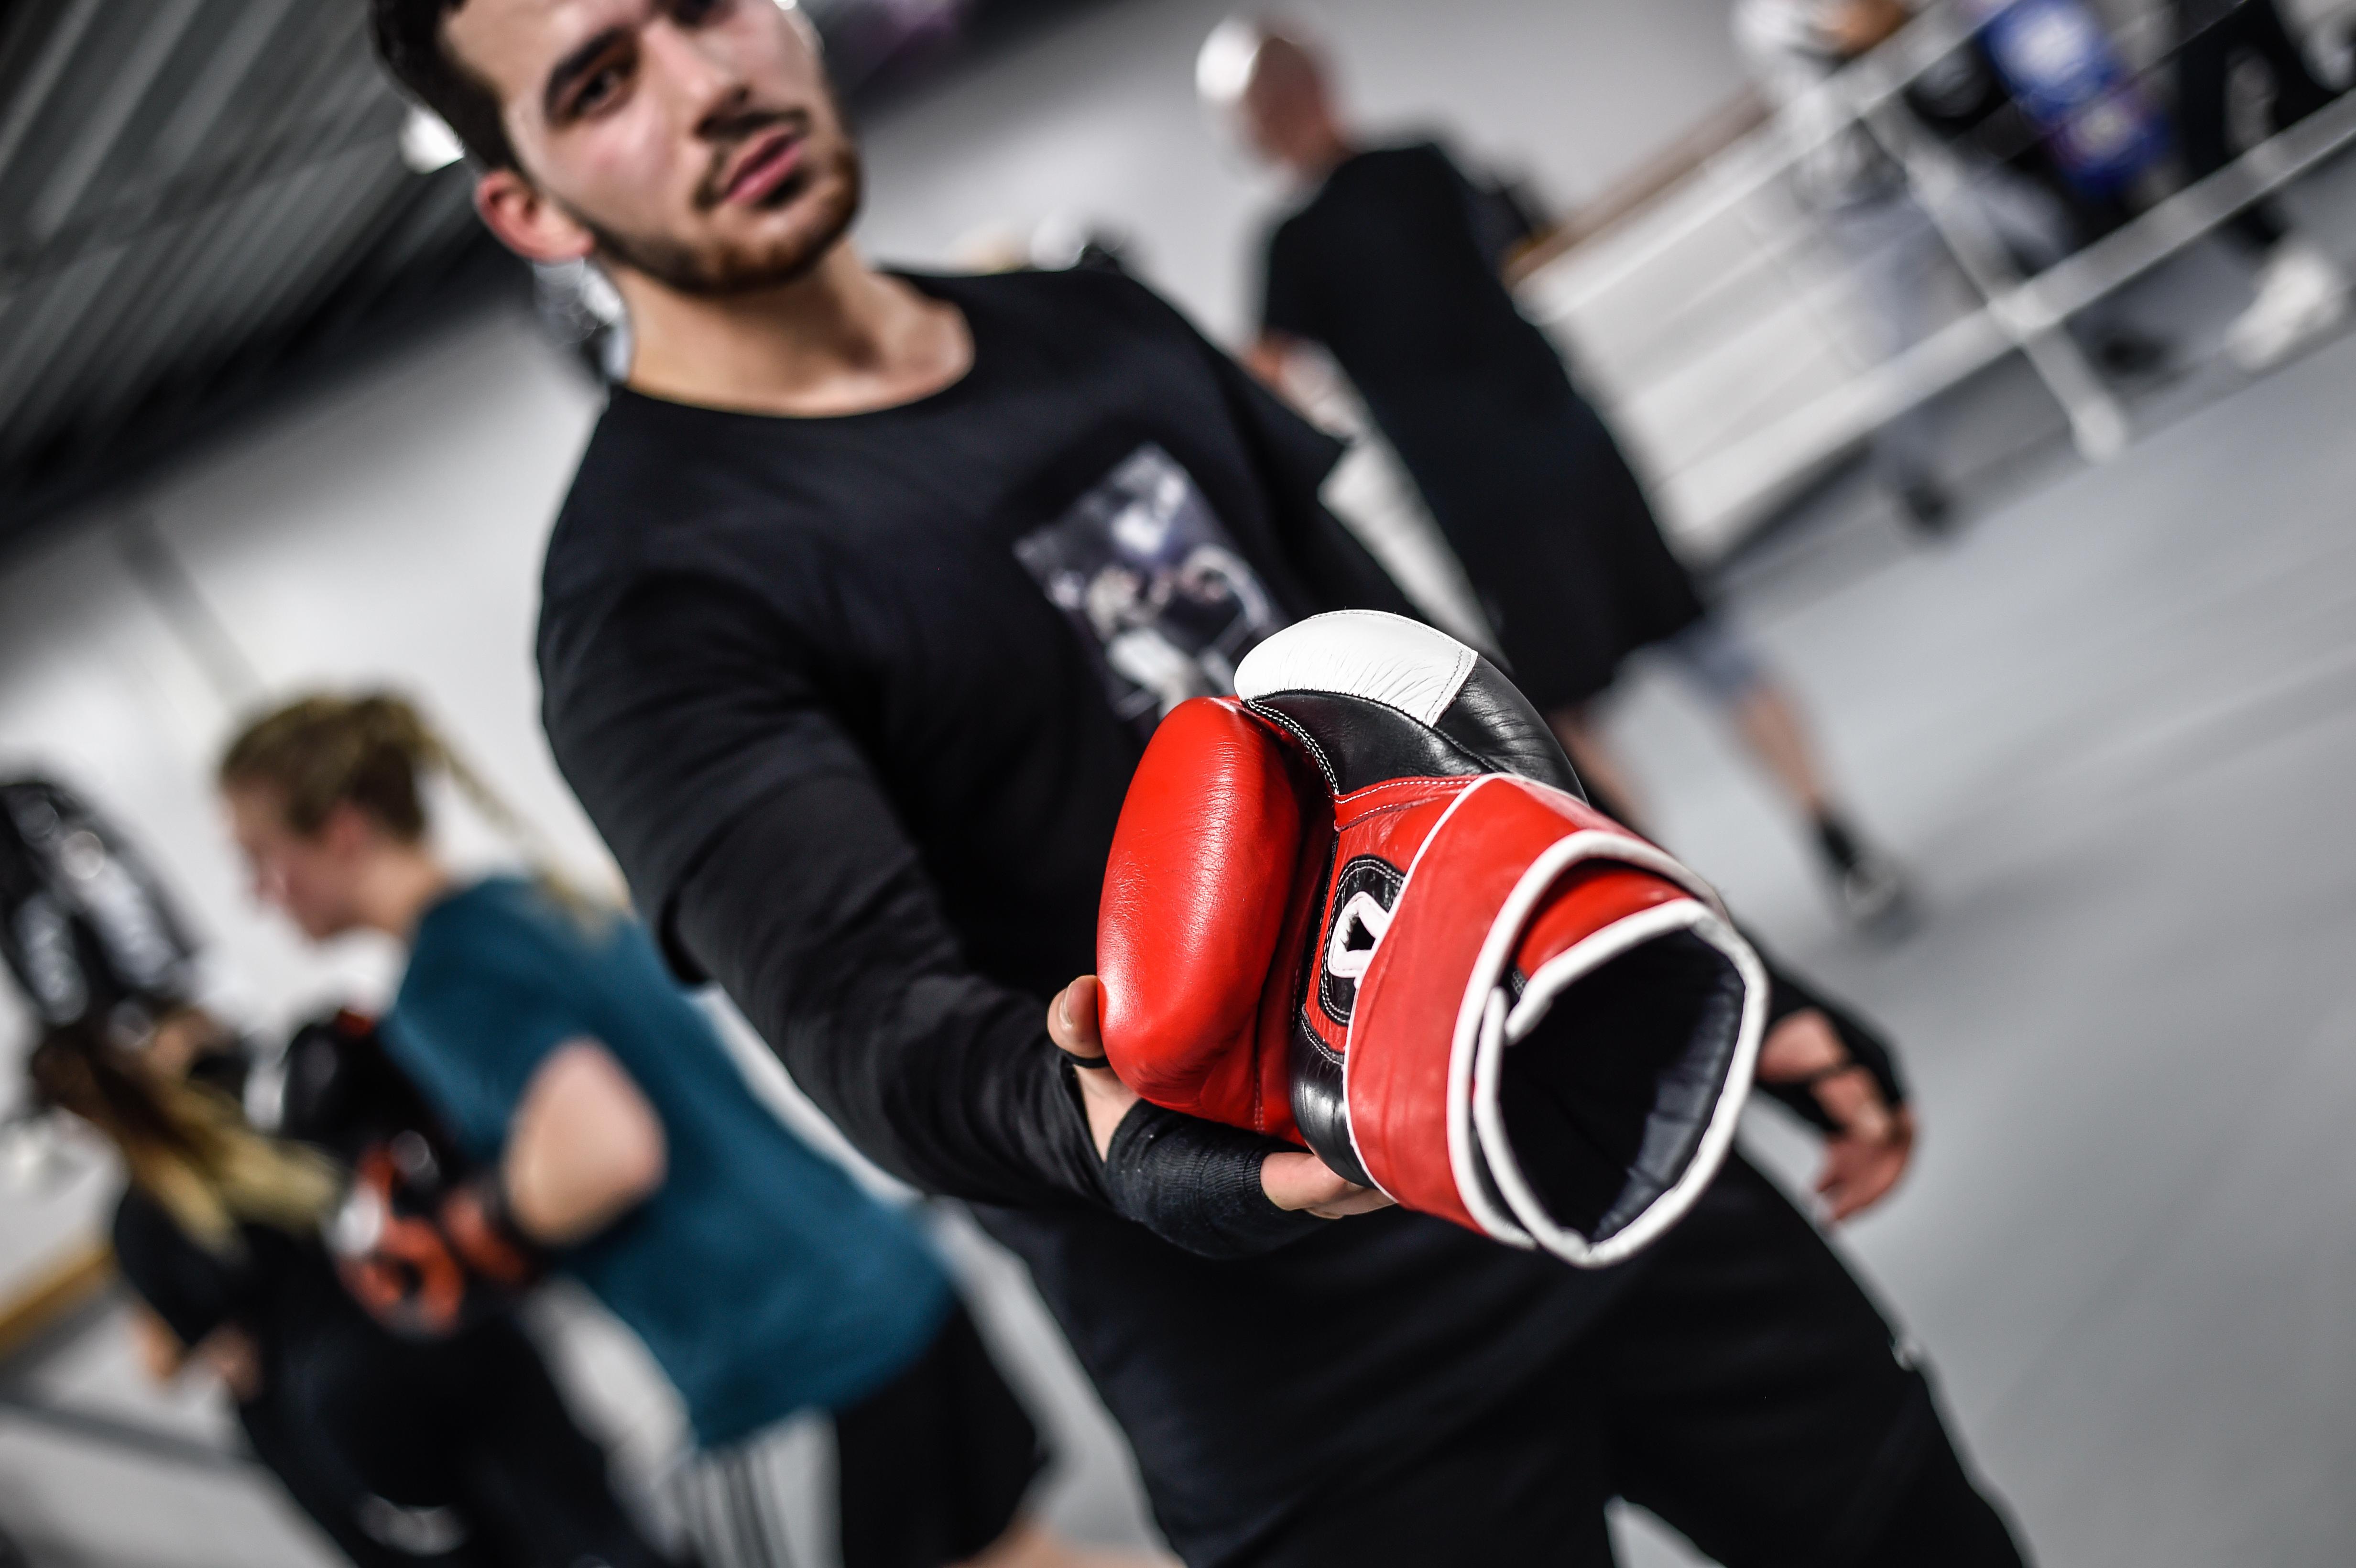 Op deze 6 manieren helpt boksen jou bij het verbeteren van je mentale gezondheid Op deze 6 manieren helpt boksen jou bij het verbeteren van je mentale gezondheid new pictures